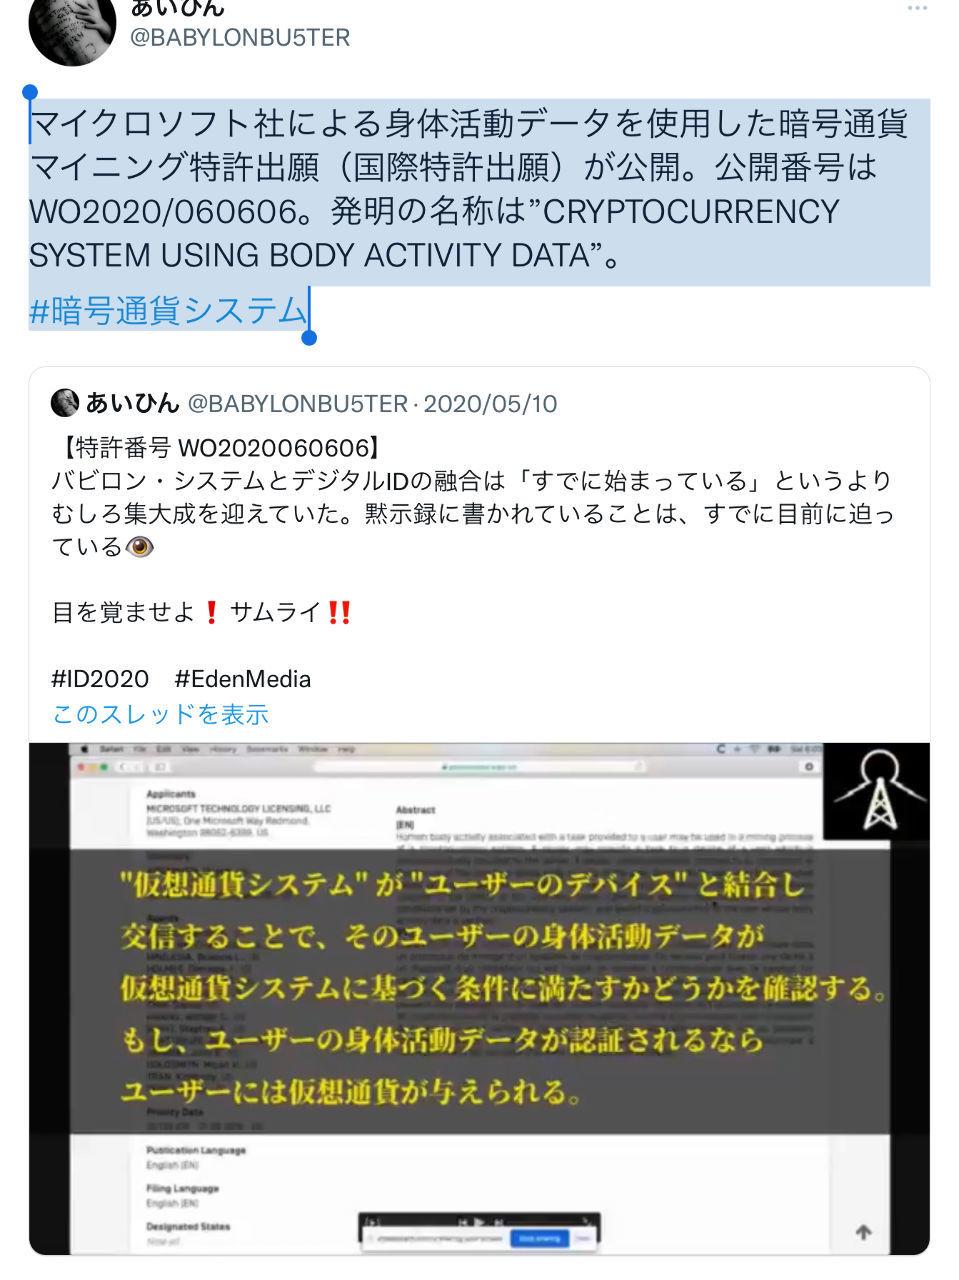 あめちゃん2 デジタルID  マイクロソフト社による身体活動データを使用した暗号通貨マイニング特許出願(国際特許出